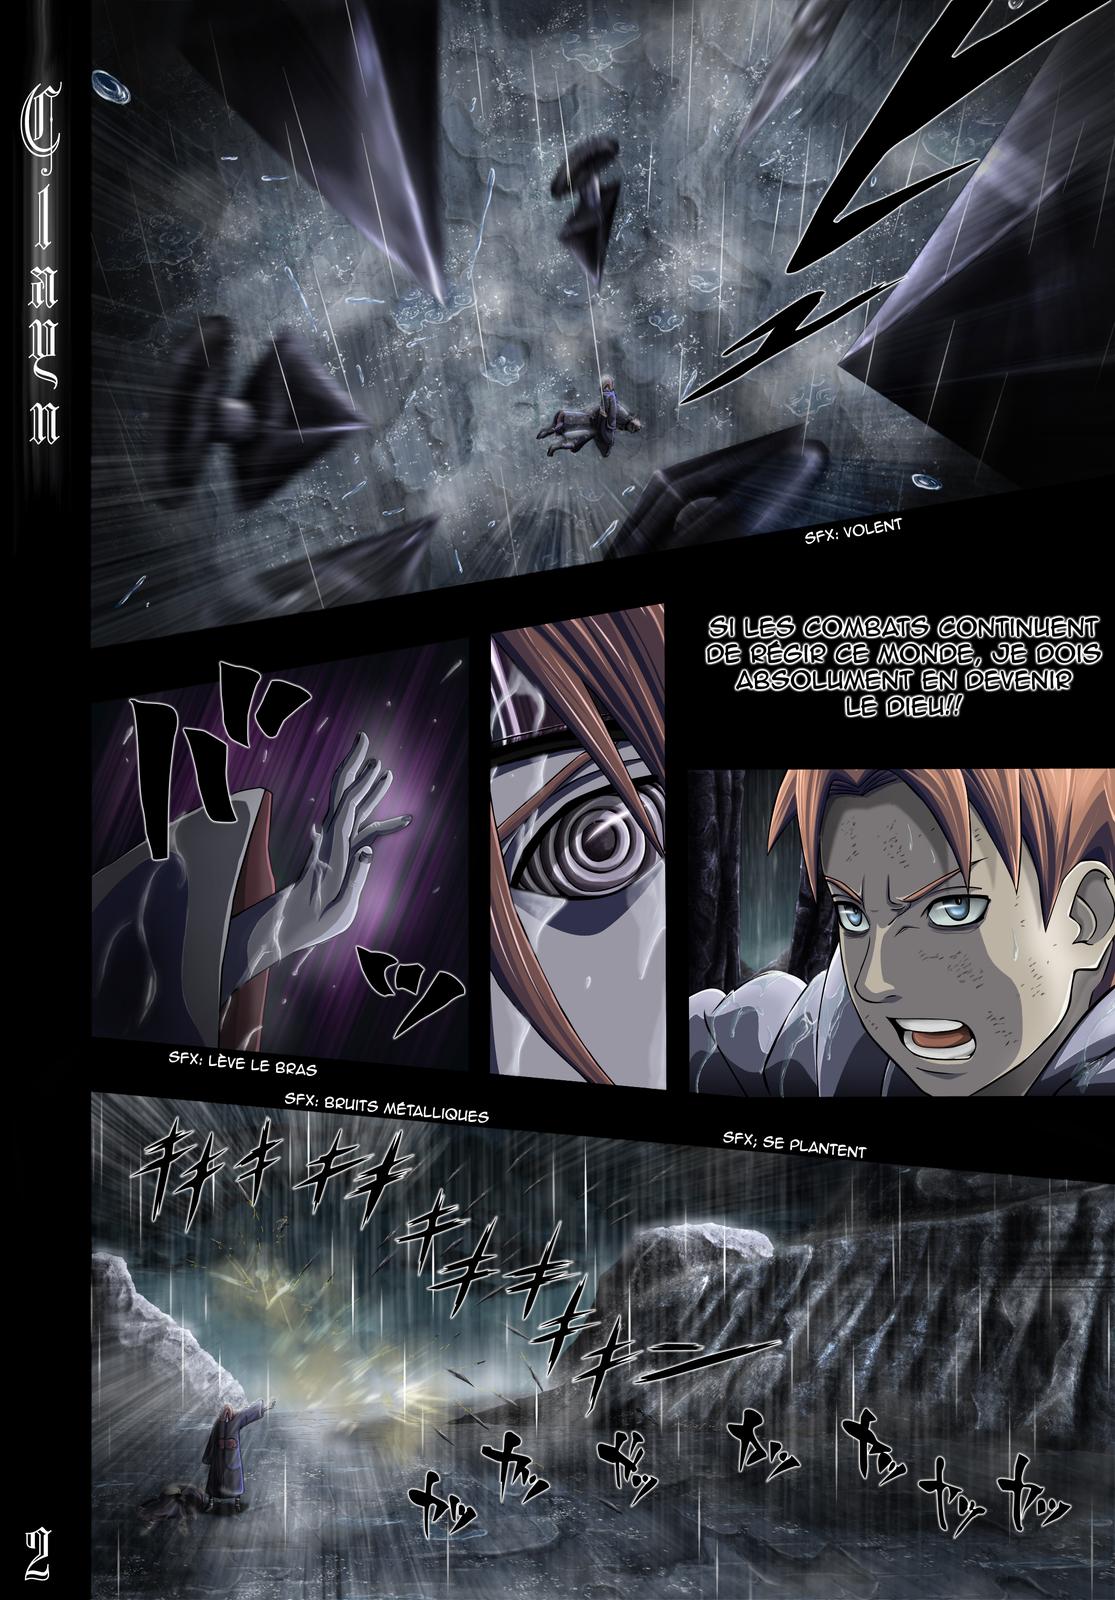 Naruto chapitre 447 colorisé - Page 2